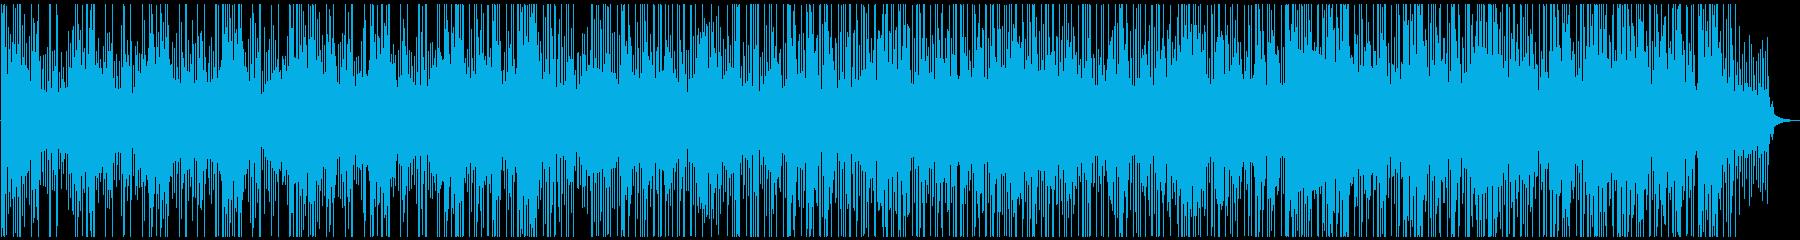 幻想的。何かが始まる予感がするBGMの再生済みの波形